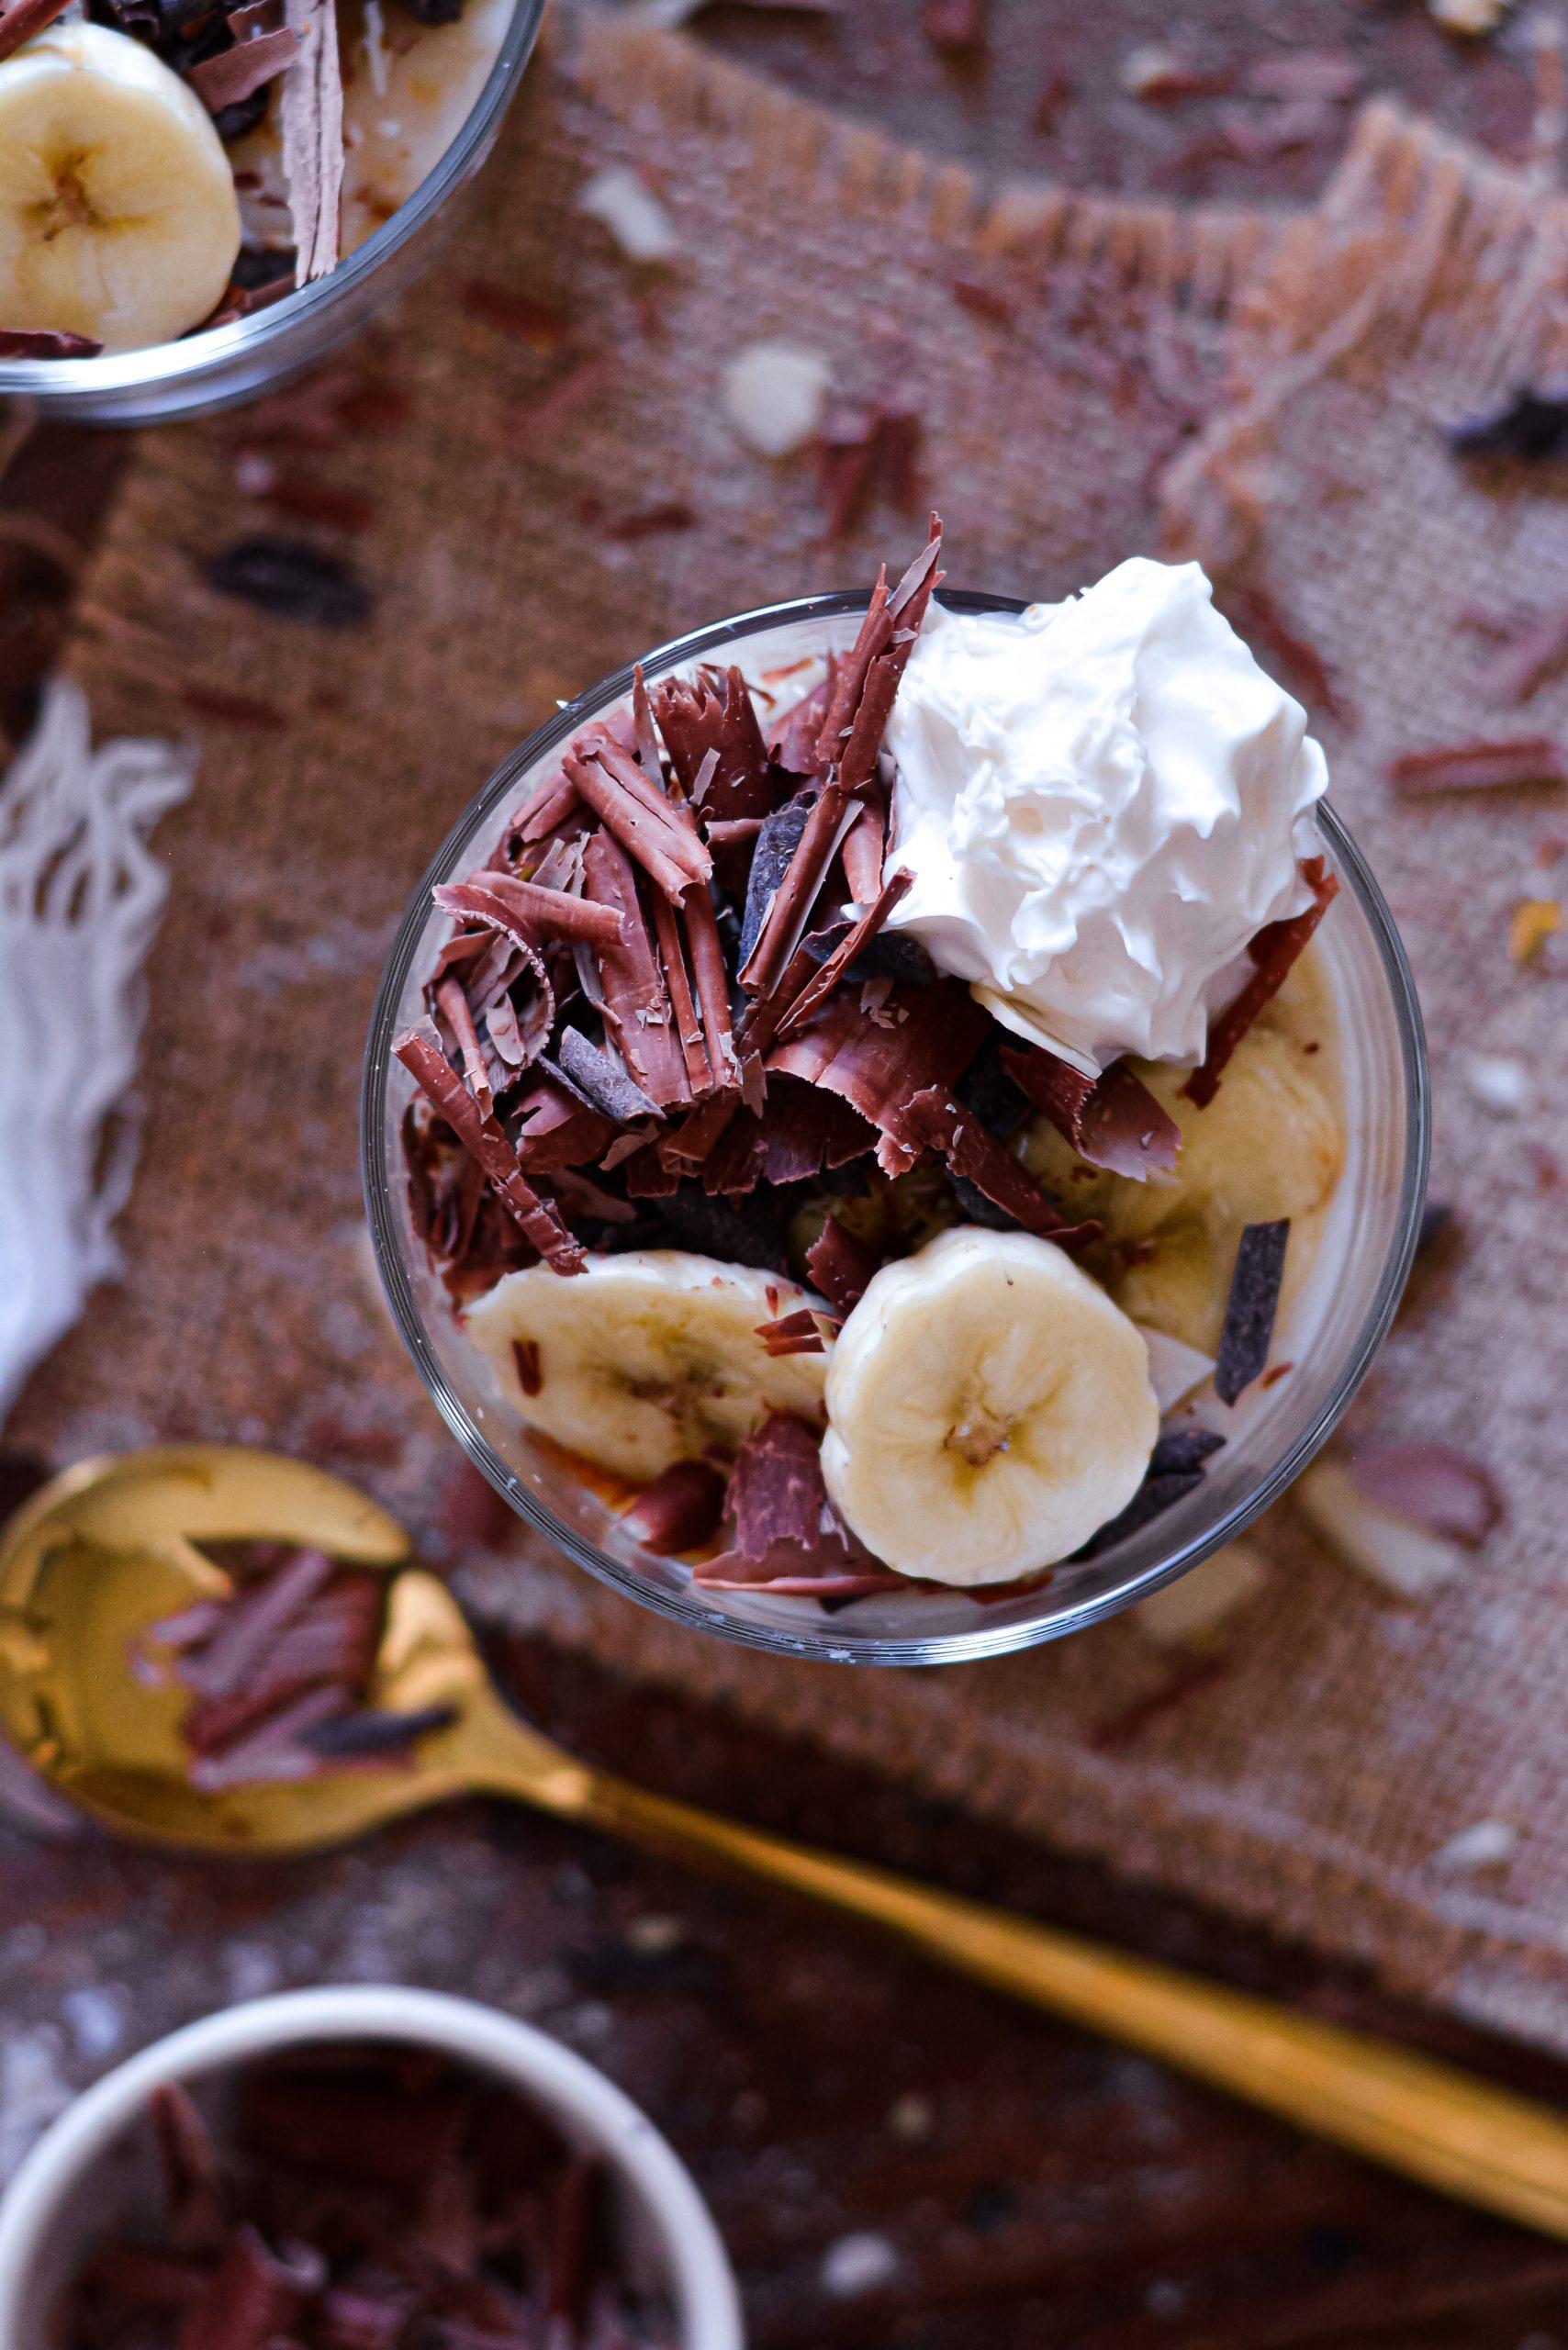 Parfaits Vegan Crème, Banane, Noix de Coco / Vegan Coconut Banana Cream Pie Parfaits